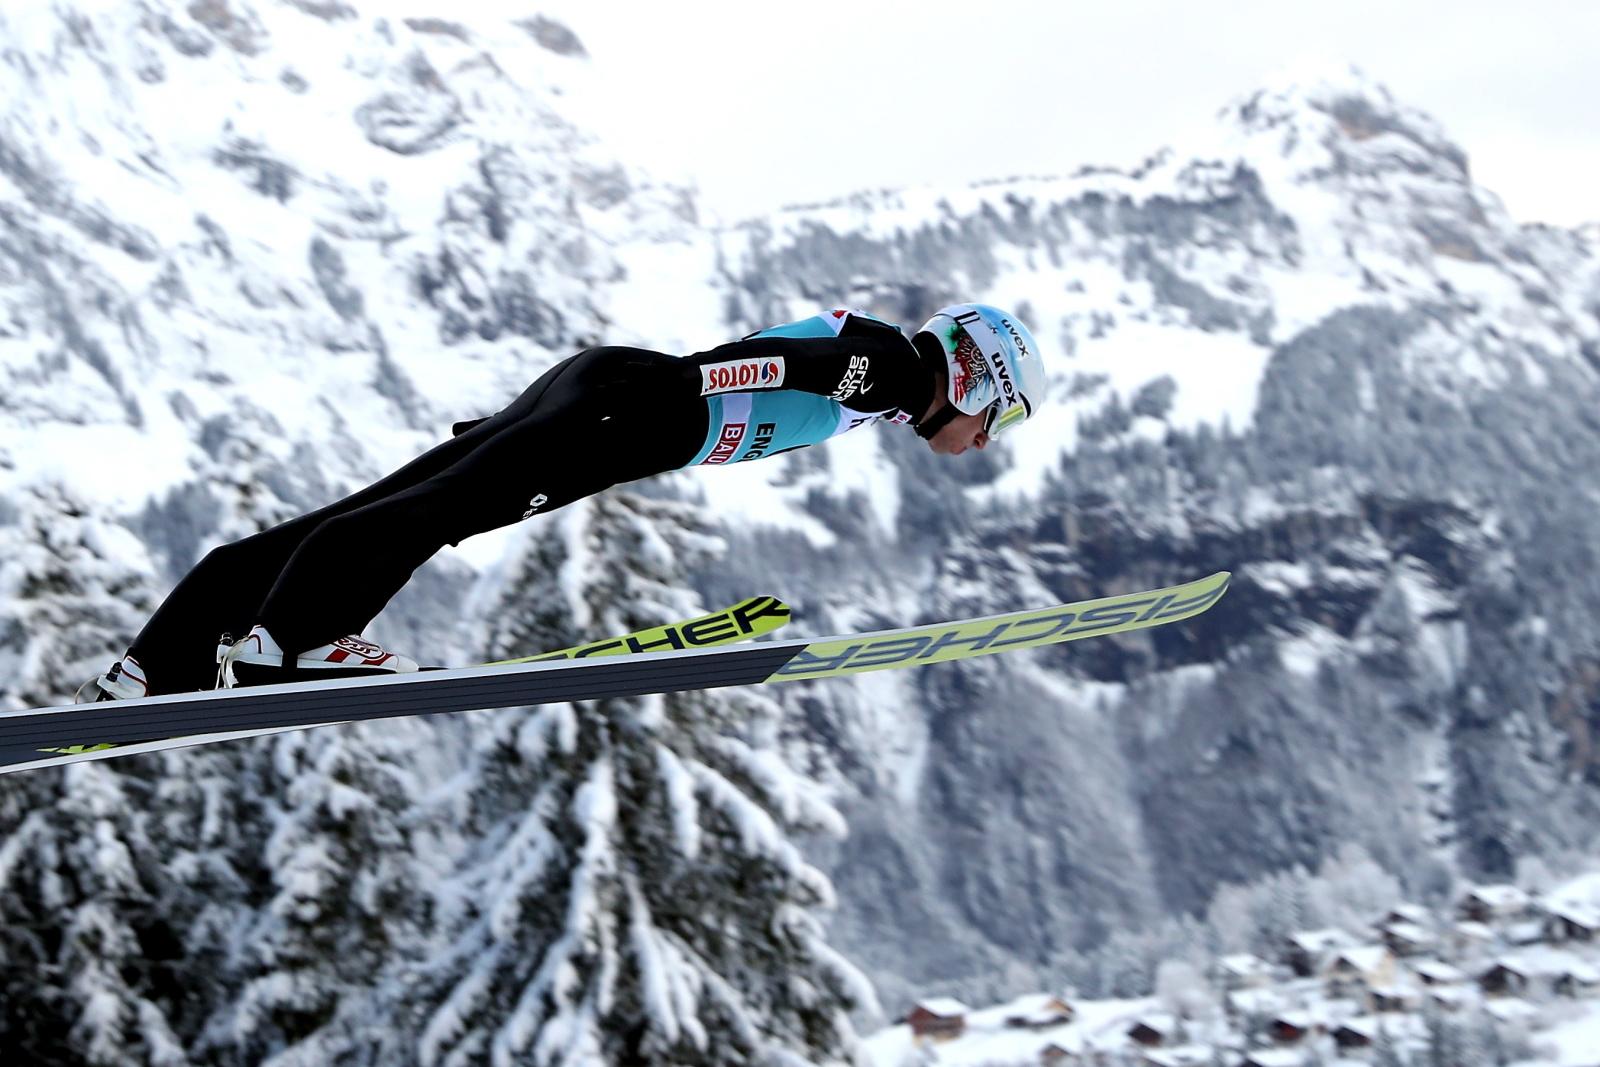 Szwajcaria, Engelberg. Kamil Stoch podczas treningu. fot. AP/Grzegorz Momot